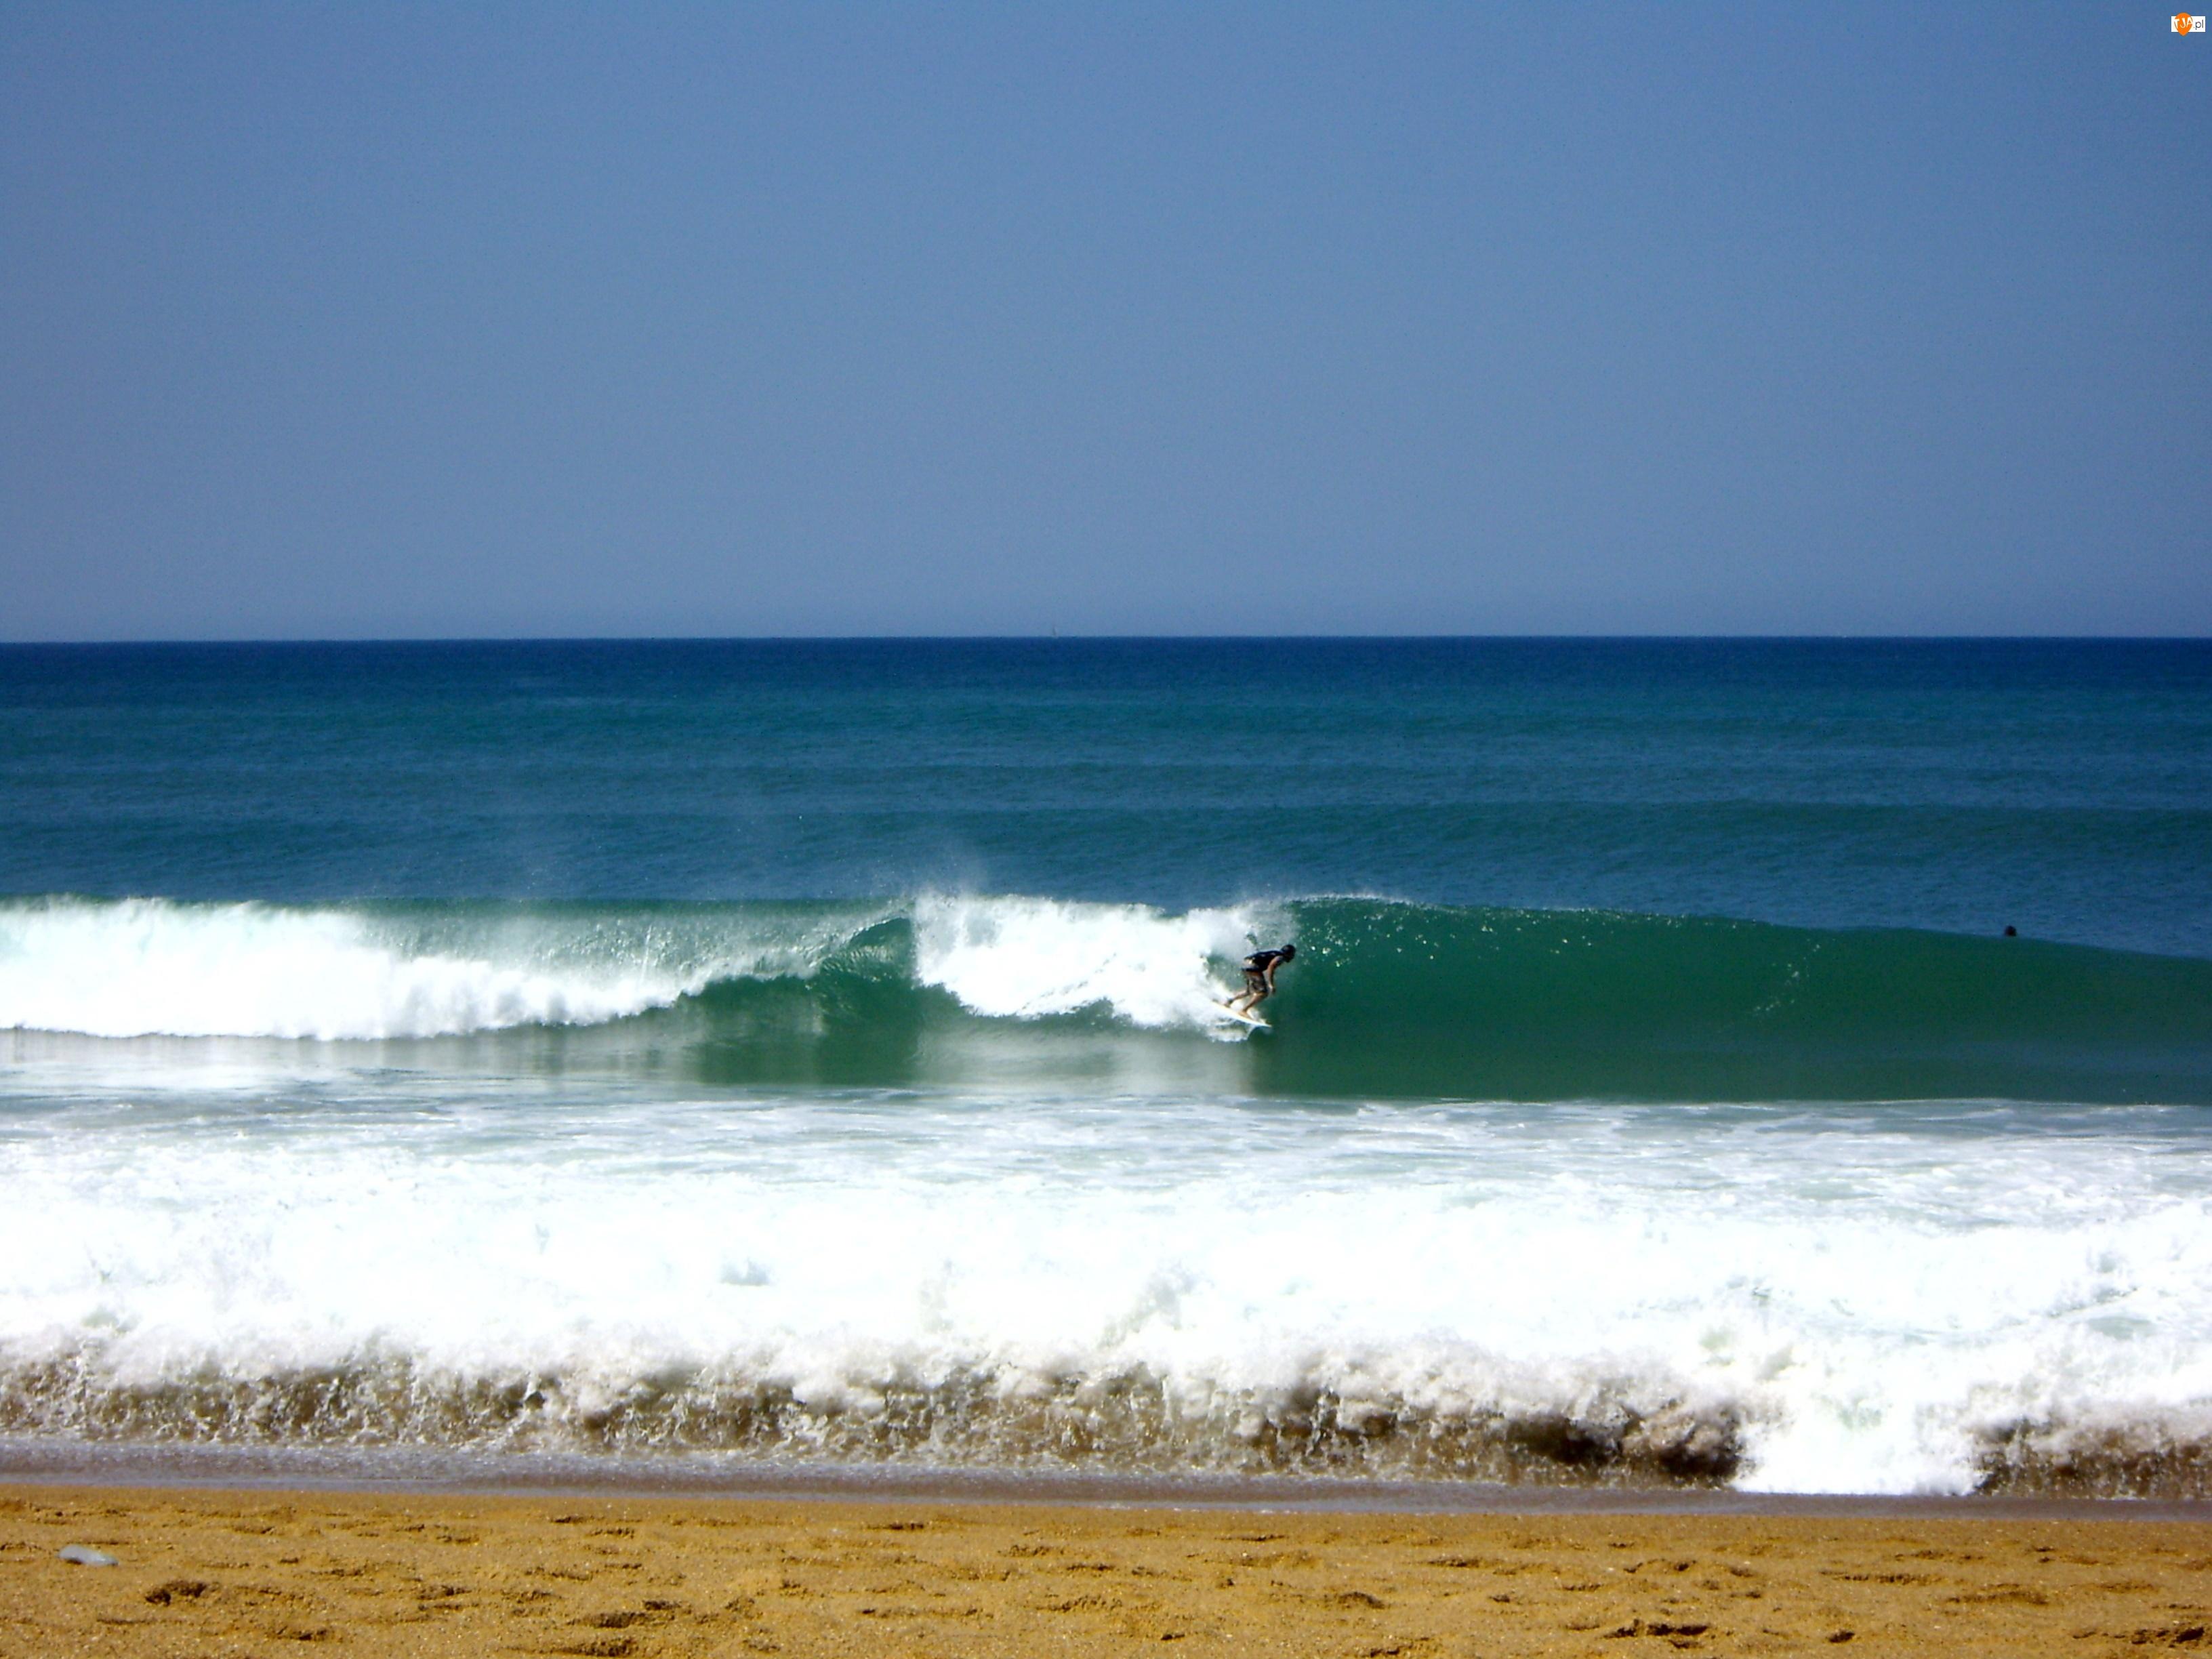 Francja, Morze, Surfing